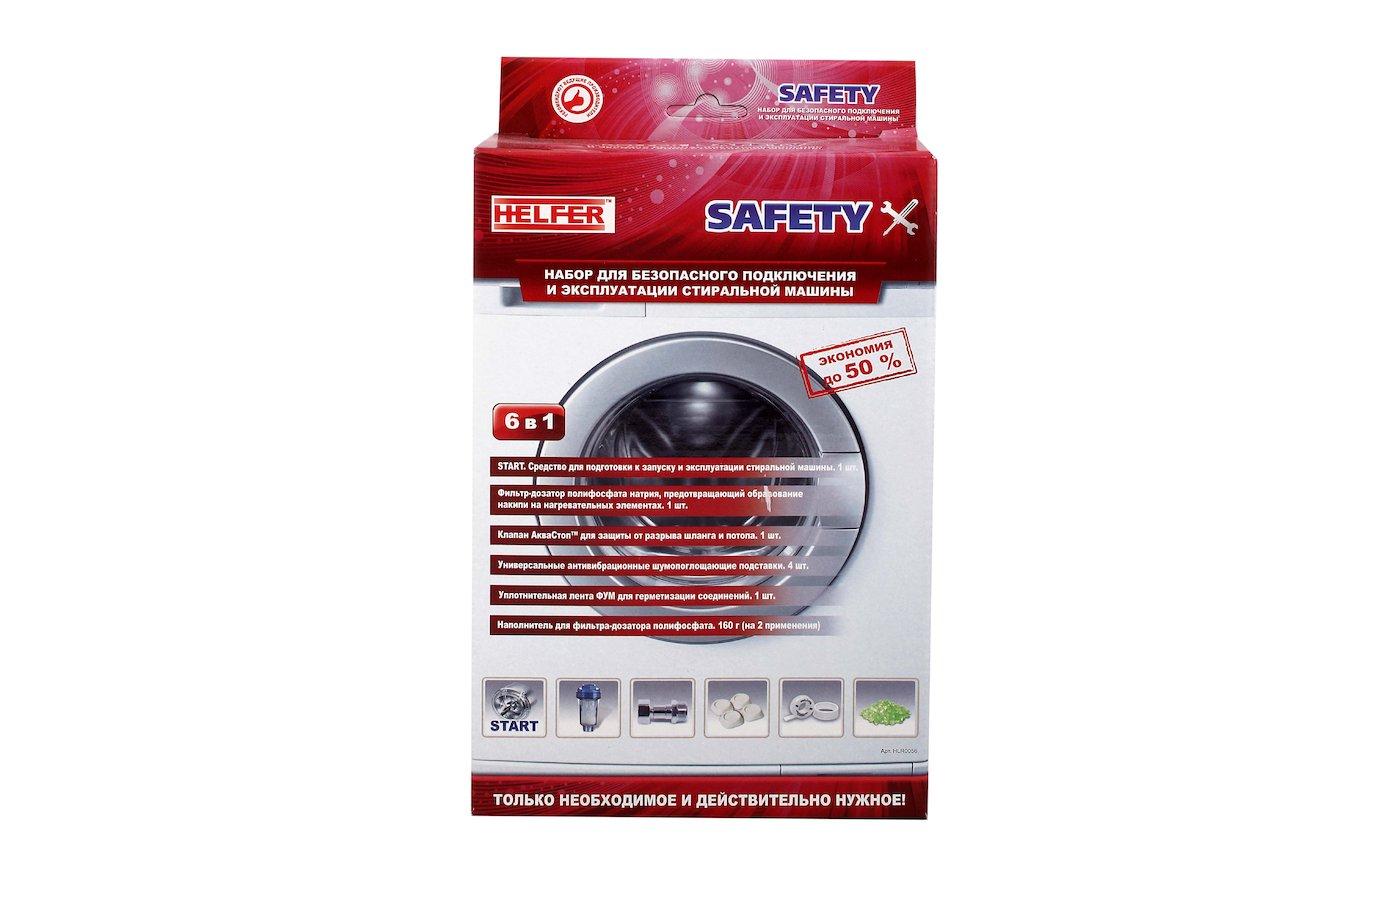 Аксессуары для подключения стиральных машин HELFER HLR0056 SAFETY набор д/безоп. подключения и экспл.стиральных машин